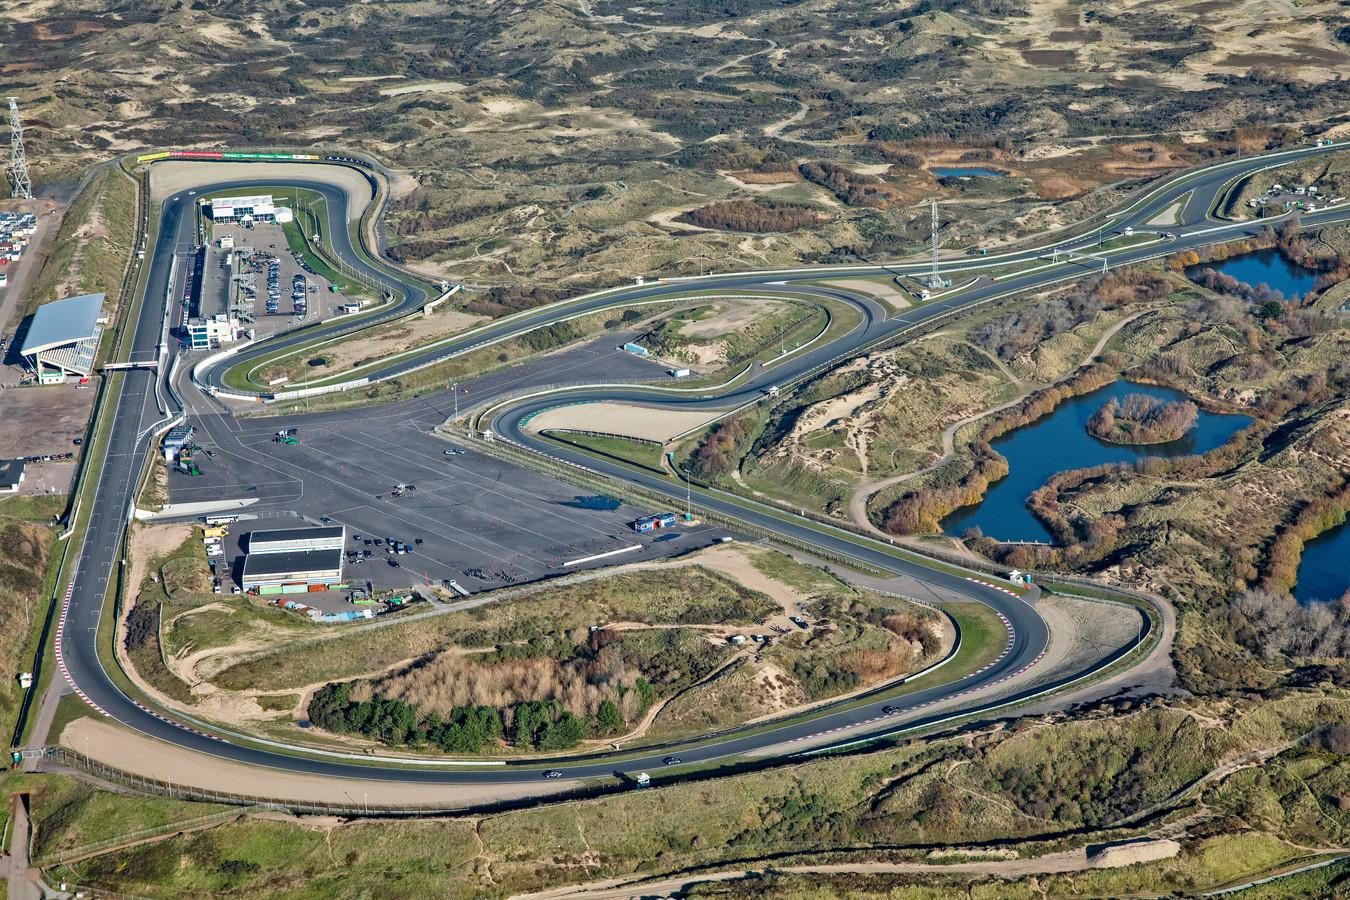 Zandvoort S Element Of Surprise Will Reward Brave Drivers